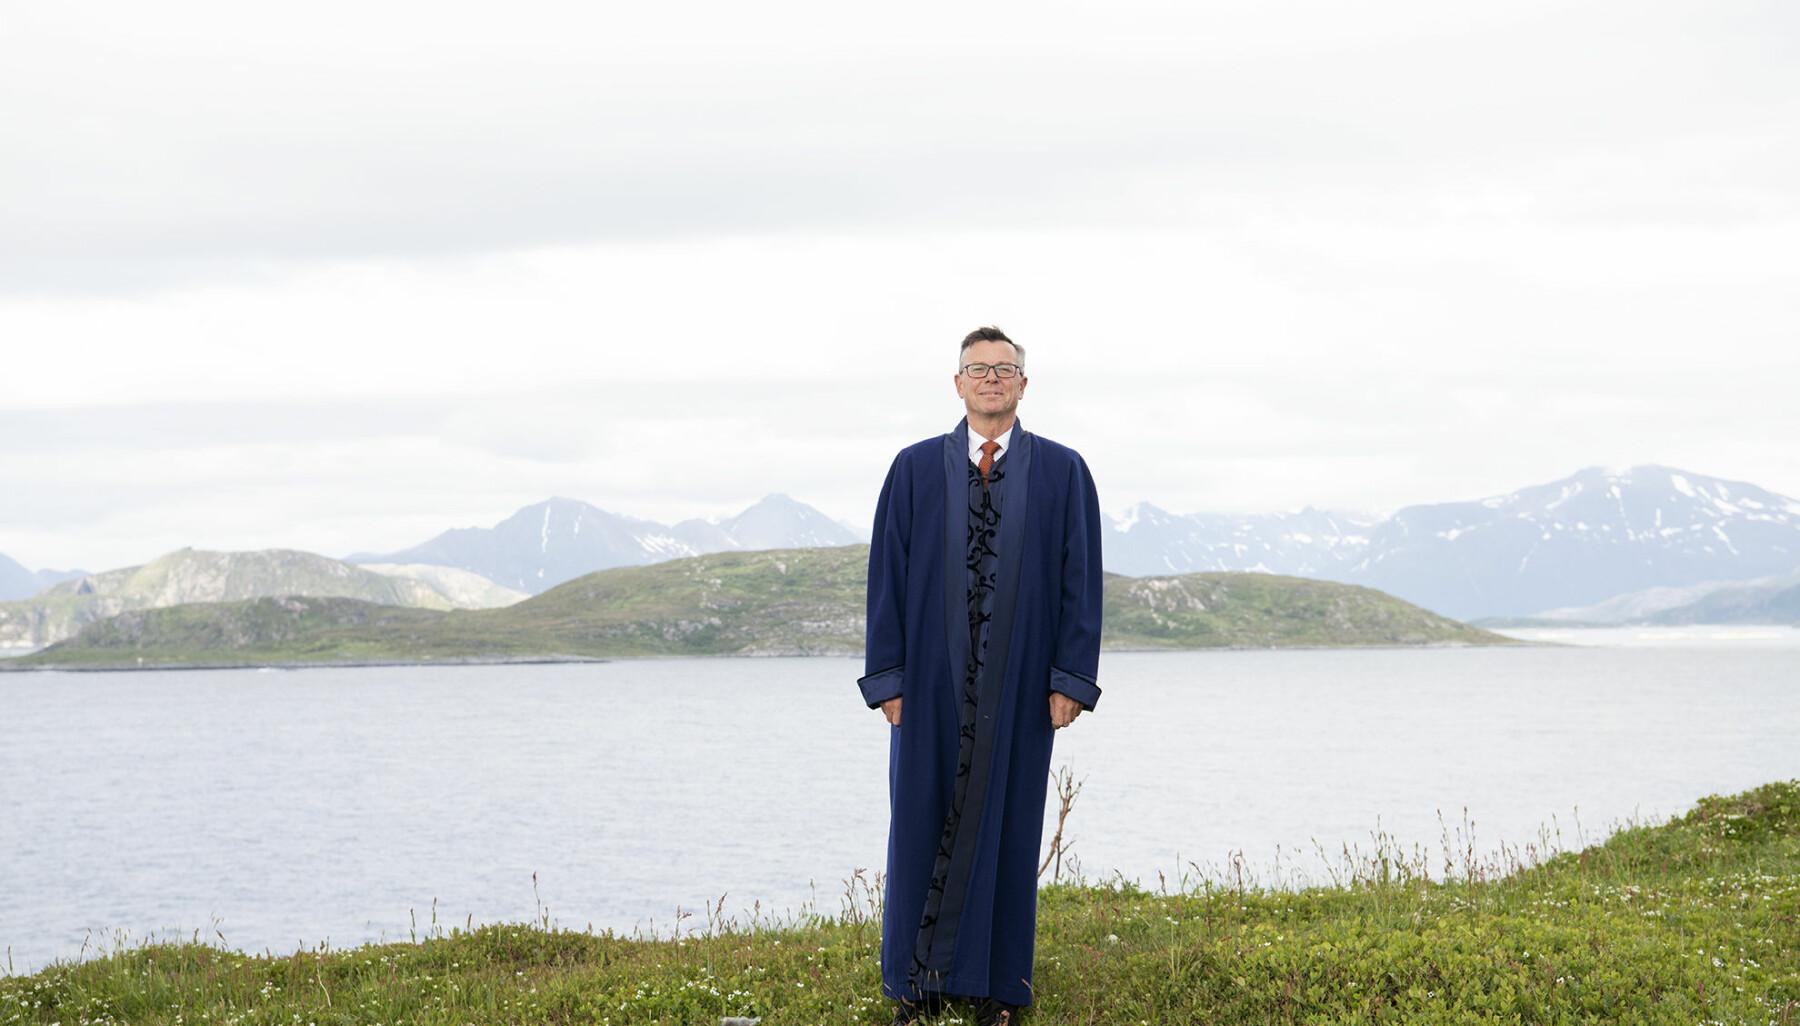 Kong Olsen av UiT. — Jeg er ydmyk, sier den kommende UiT-rektoren Dag Rune Olsen, som nå inntar det mange mener er den mektigste posisjonen i Nord-Norge.